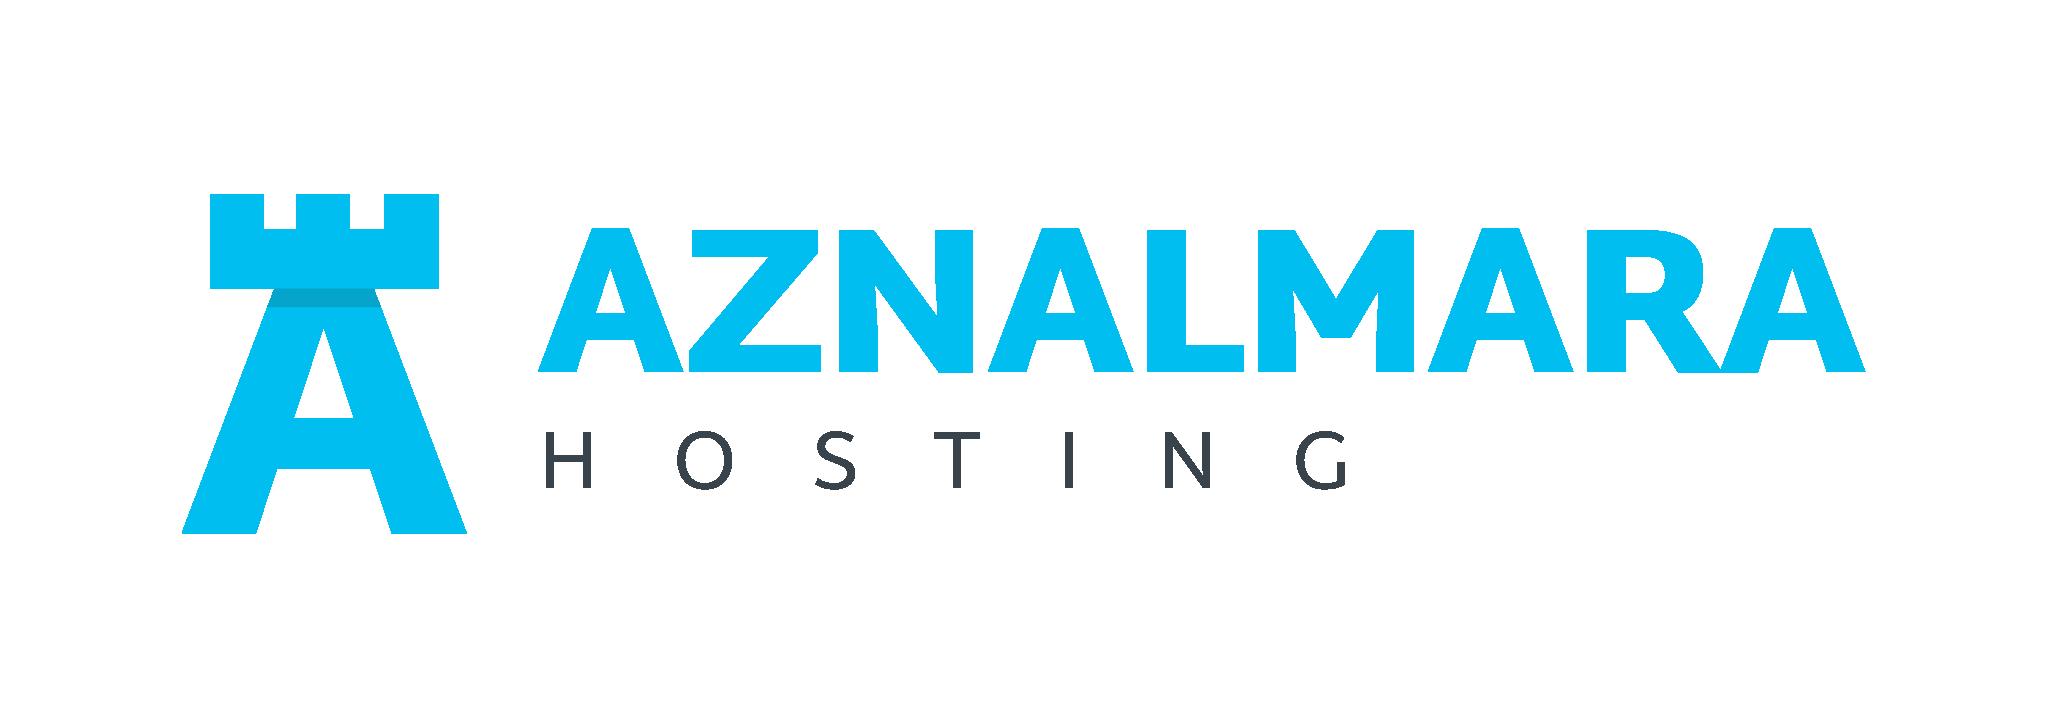 LOGO_AZNALMARA®_HOSTING_AZUL_FONDO_TRANSPARENTE_IZQDA